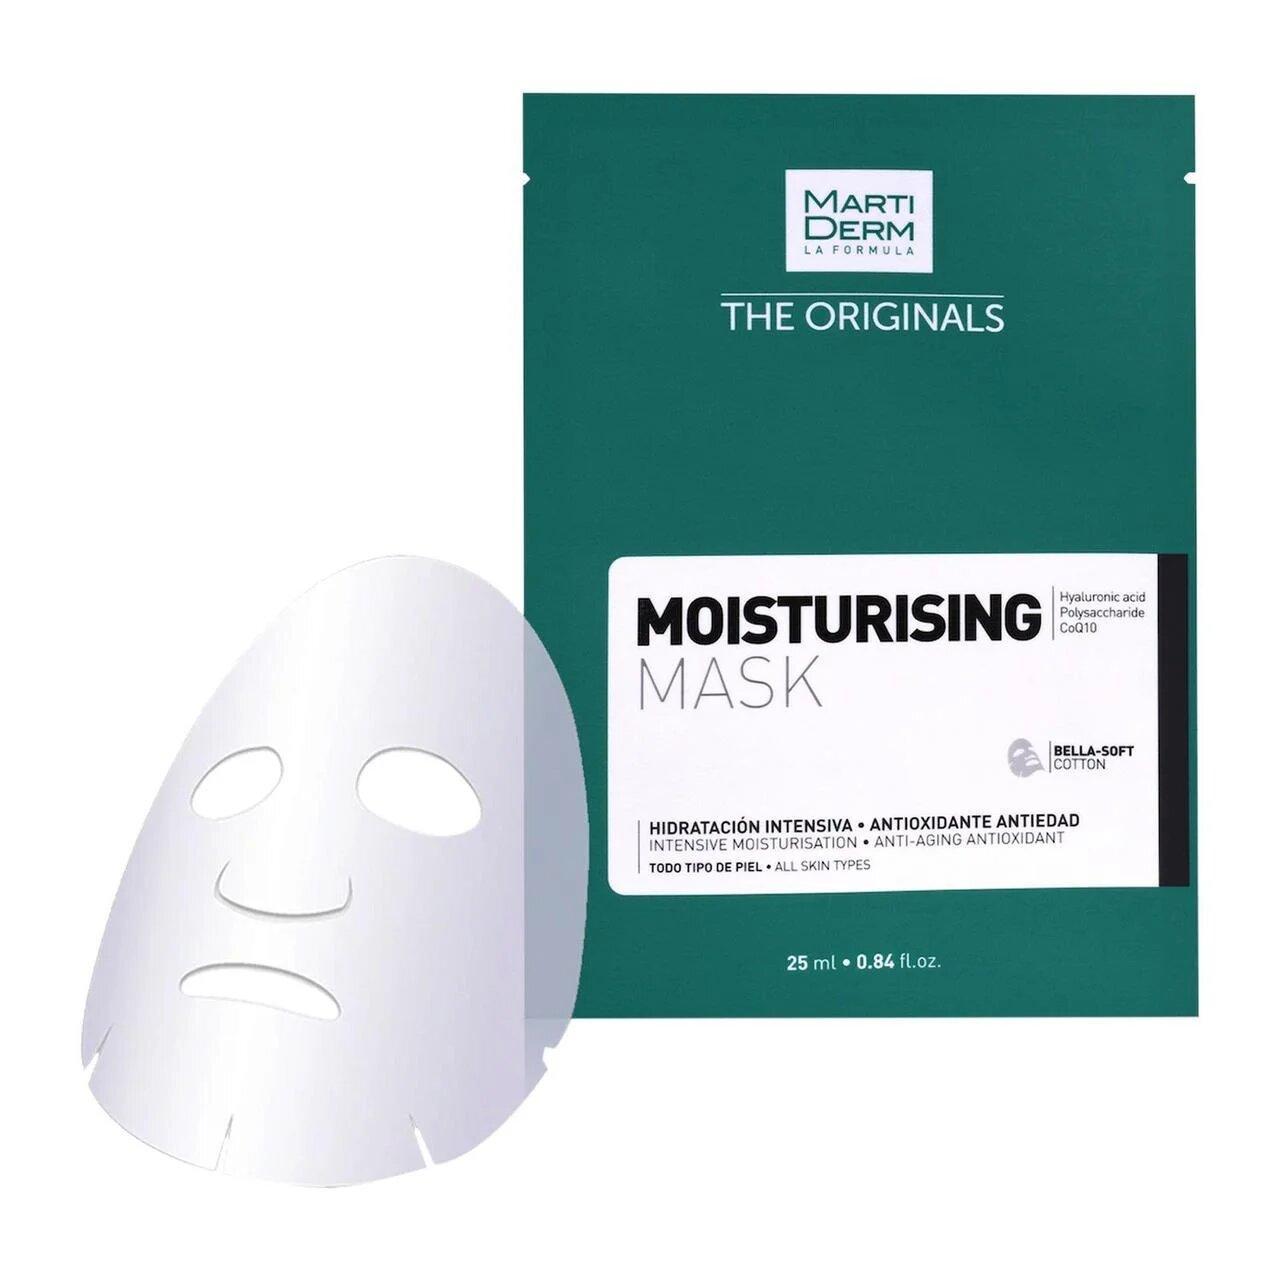 Martiderm Moisturising Mask / Марти Дерм Увлажняющая Маска — в Категории